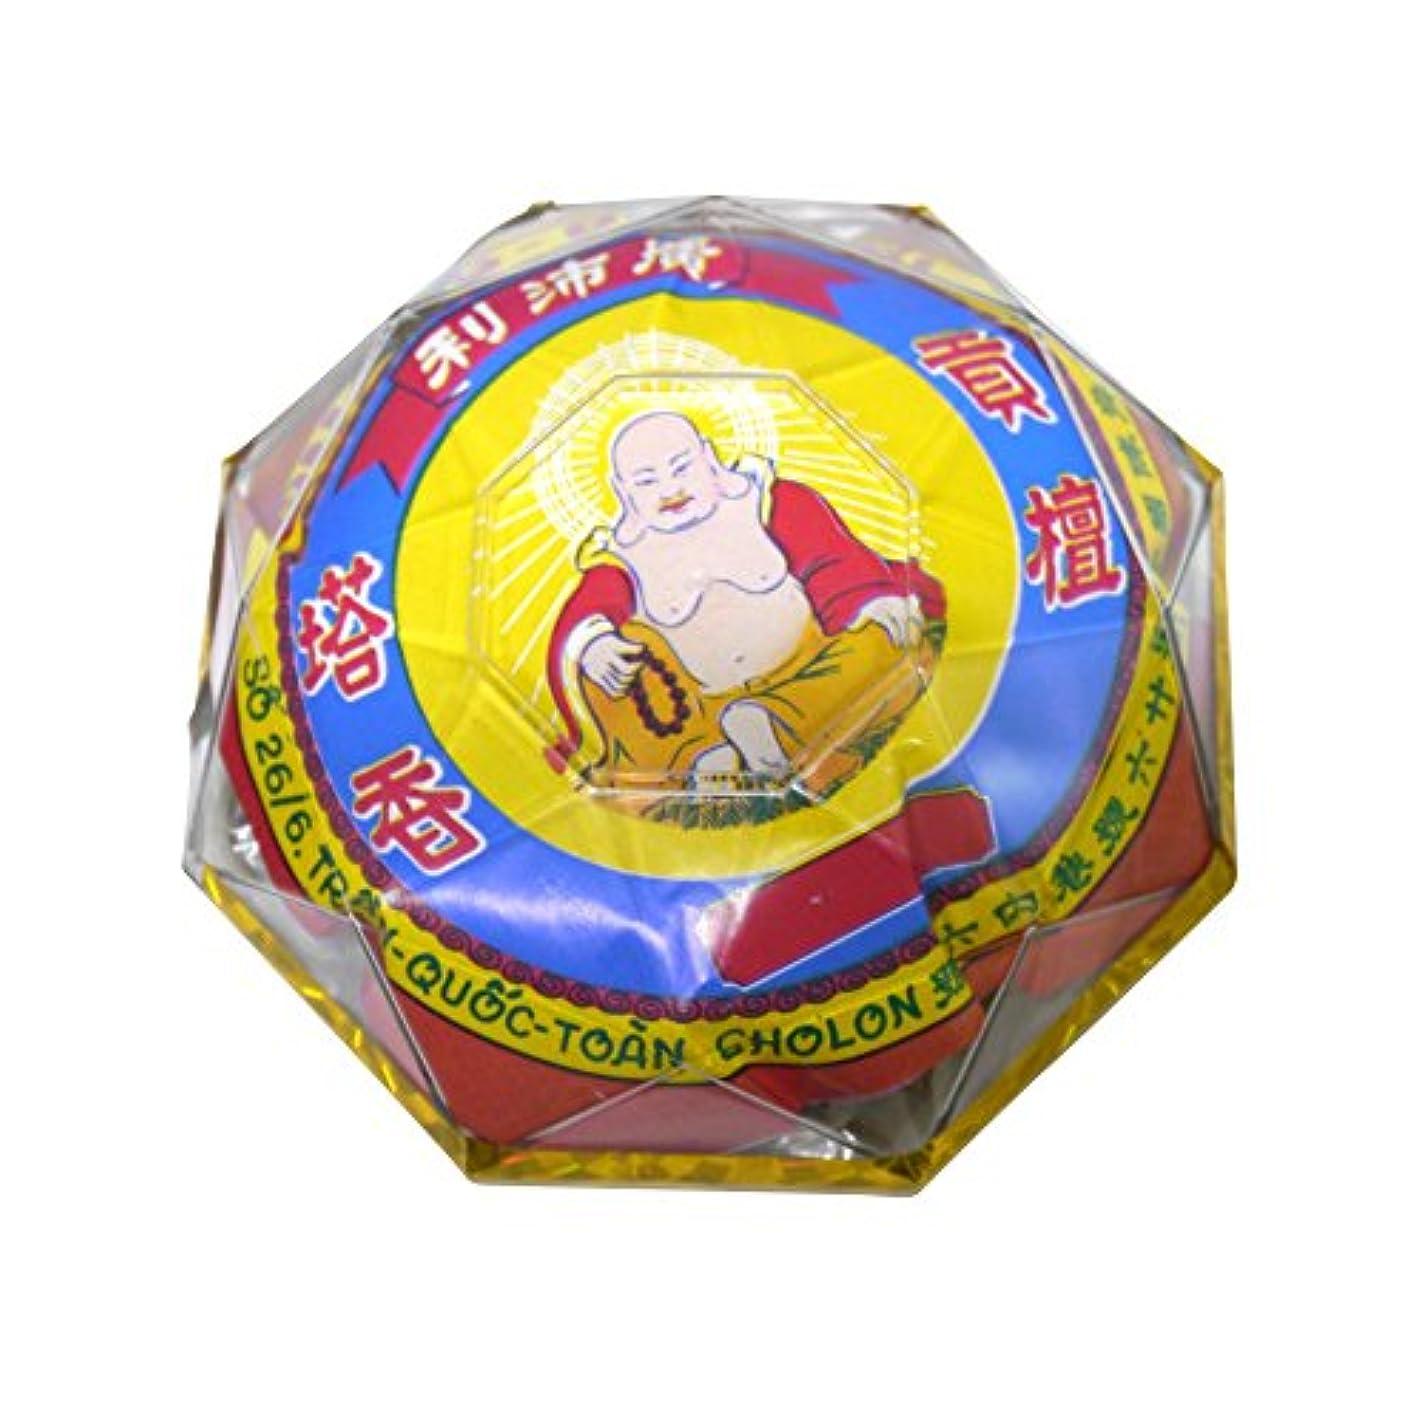 Vietnam Incense ベトナムのお香【塔香貢檀コーン香】利沛廣